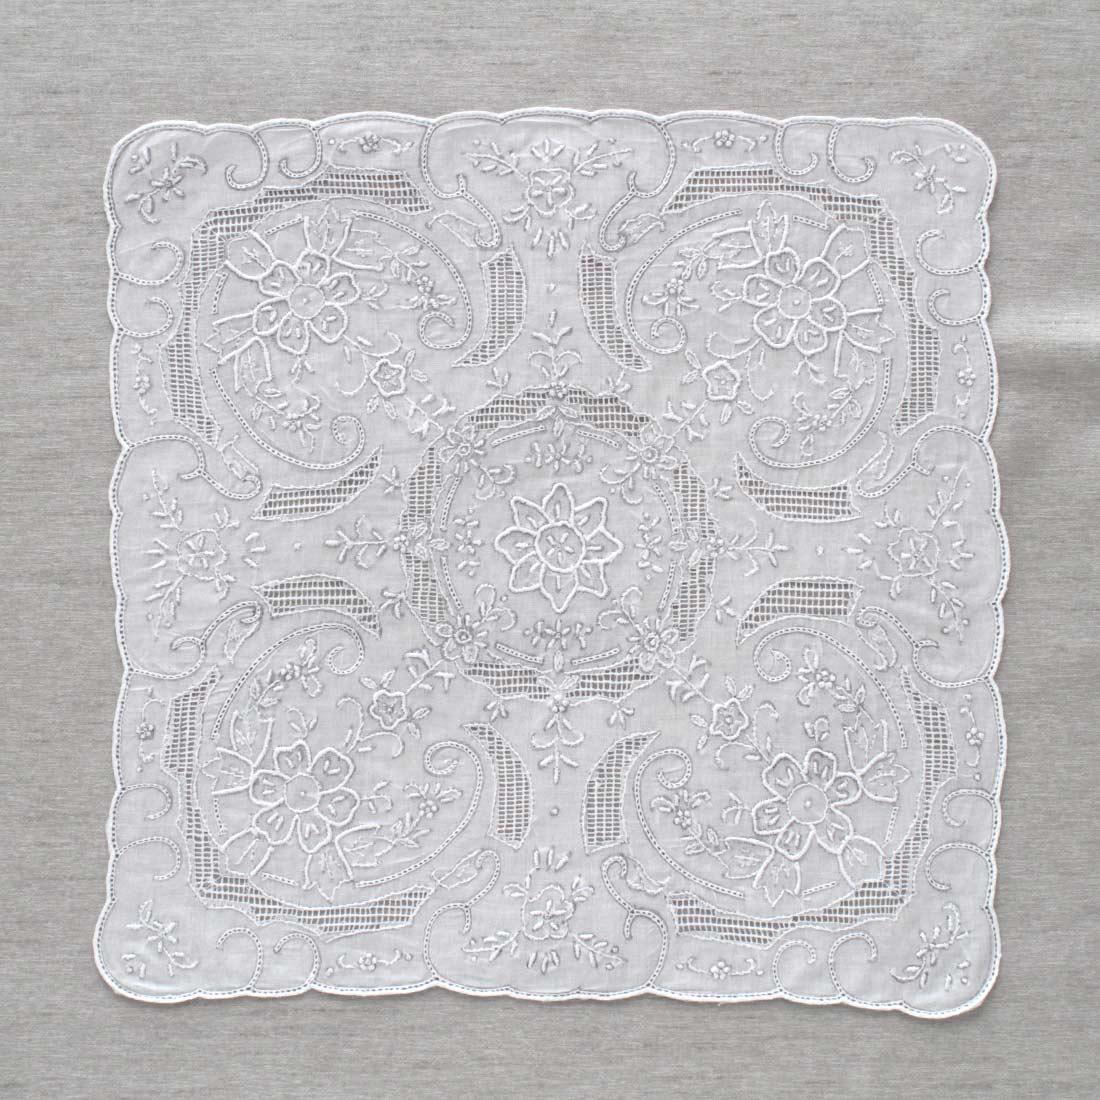 【送料無料】 汕頭手刺繍 ハンカチ 9203